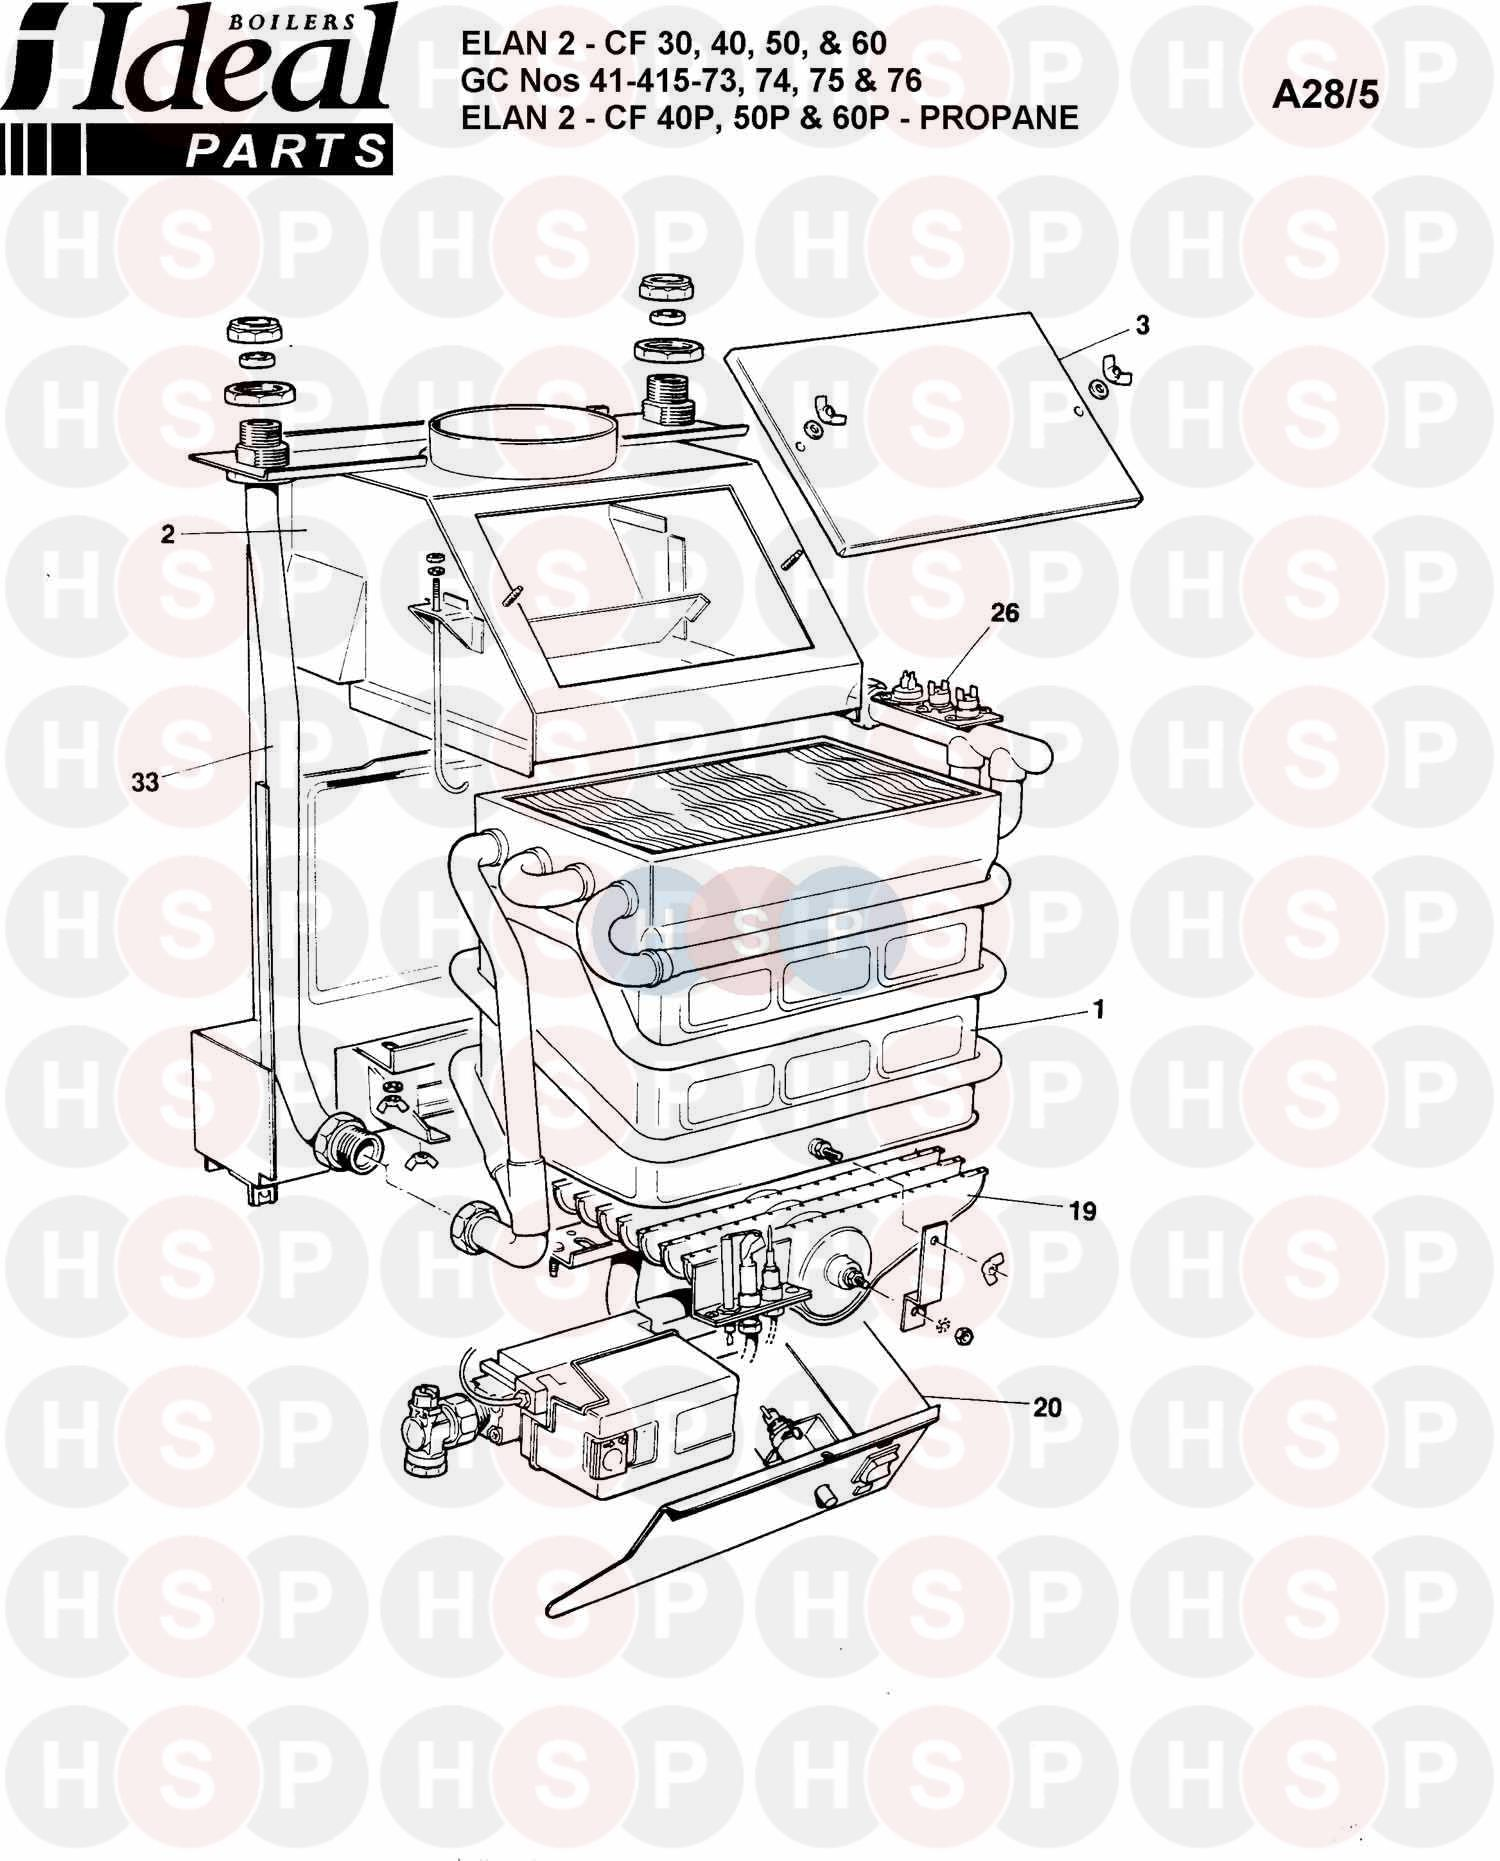 ideal elan 2 cf 40 boiler assembly 1 diagram heating. Black Bedroom Furniture Sets. Home Design Ideas